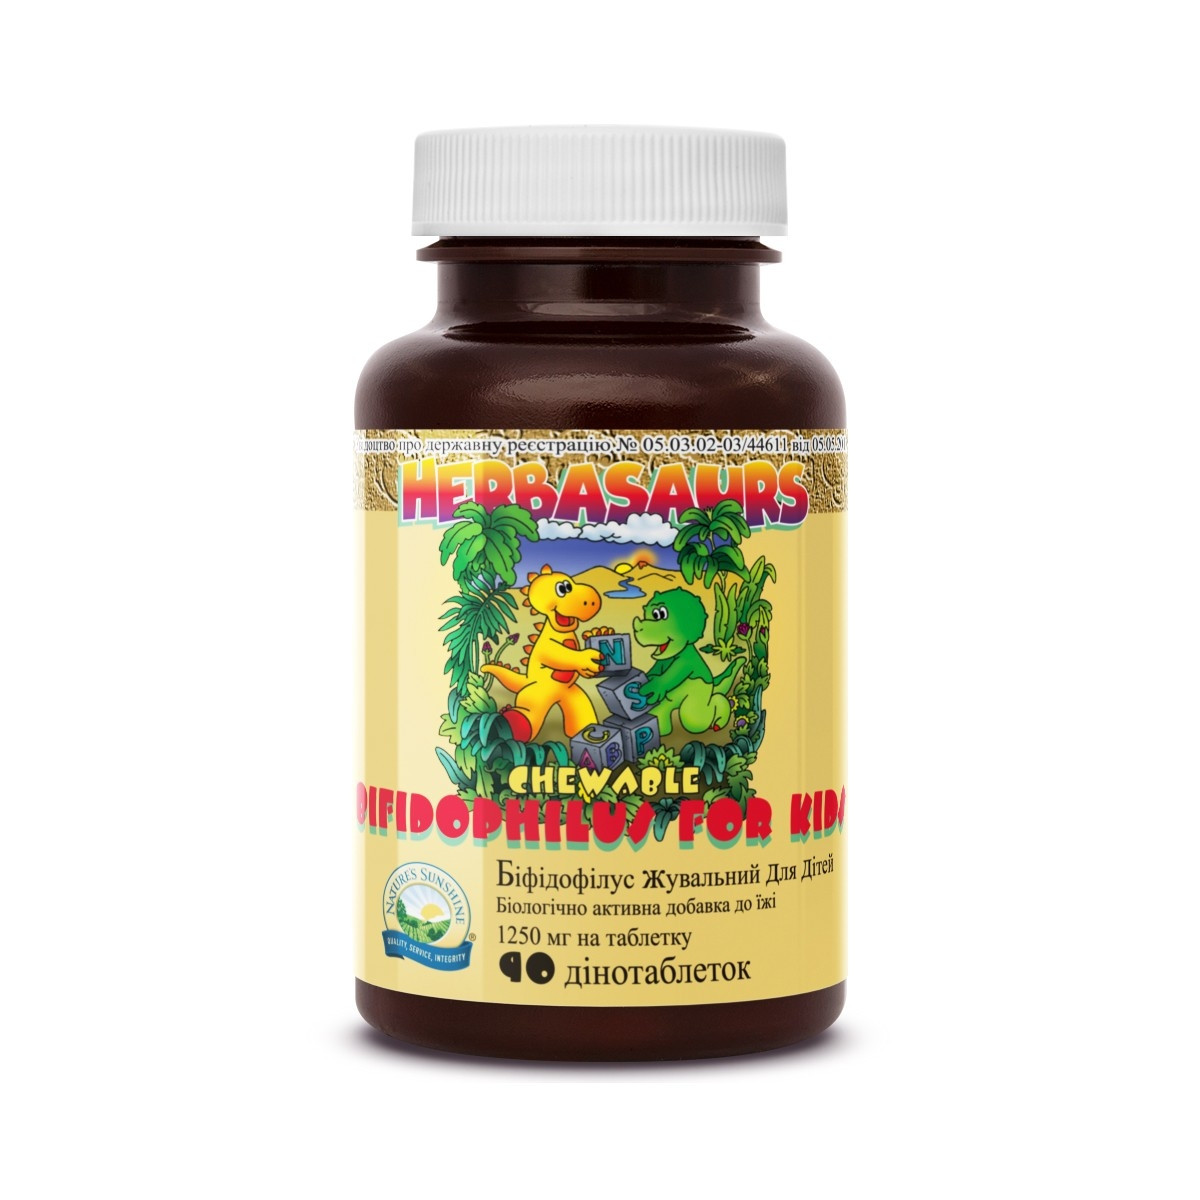 """""""Біфідобактерії для дітей"""" Жувальні таблетки для дітей з біфідобактеріями. Bifidophilus Chewable for Kids"""